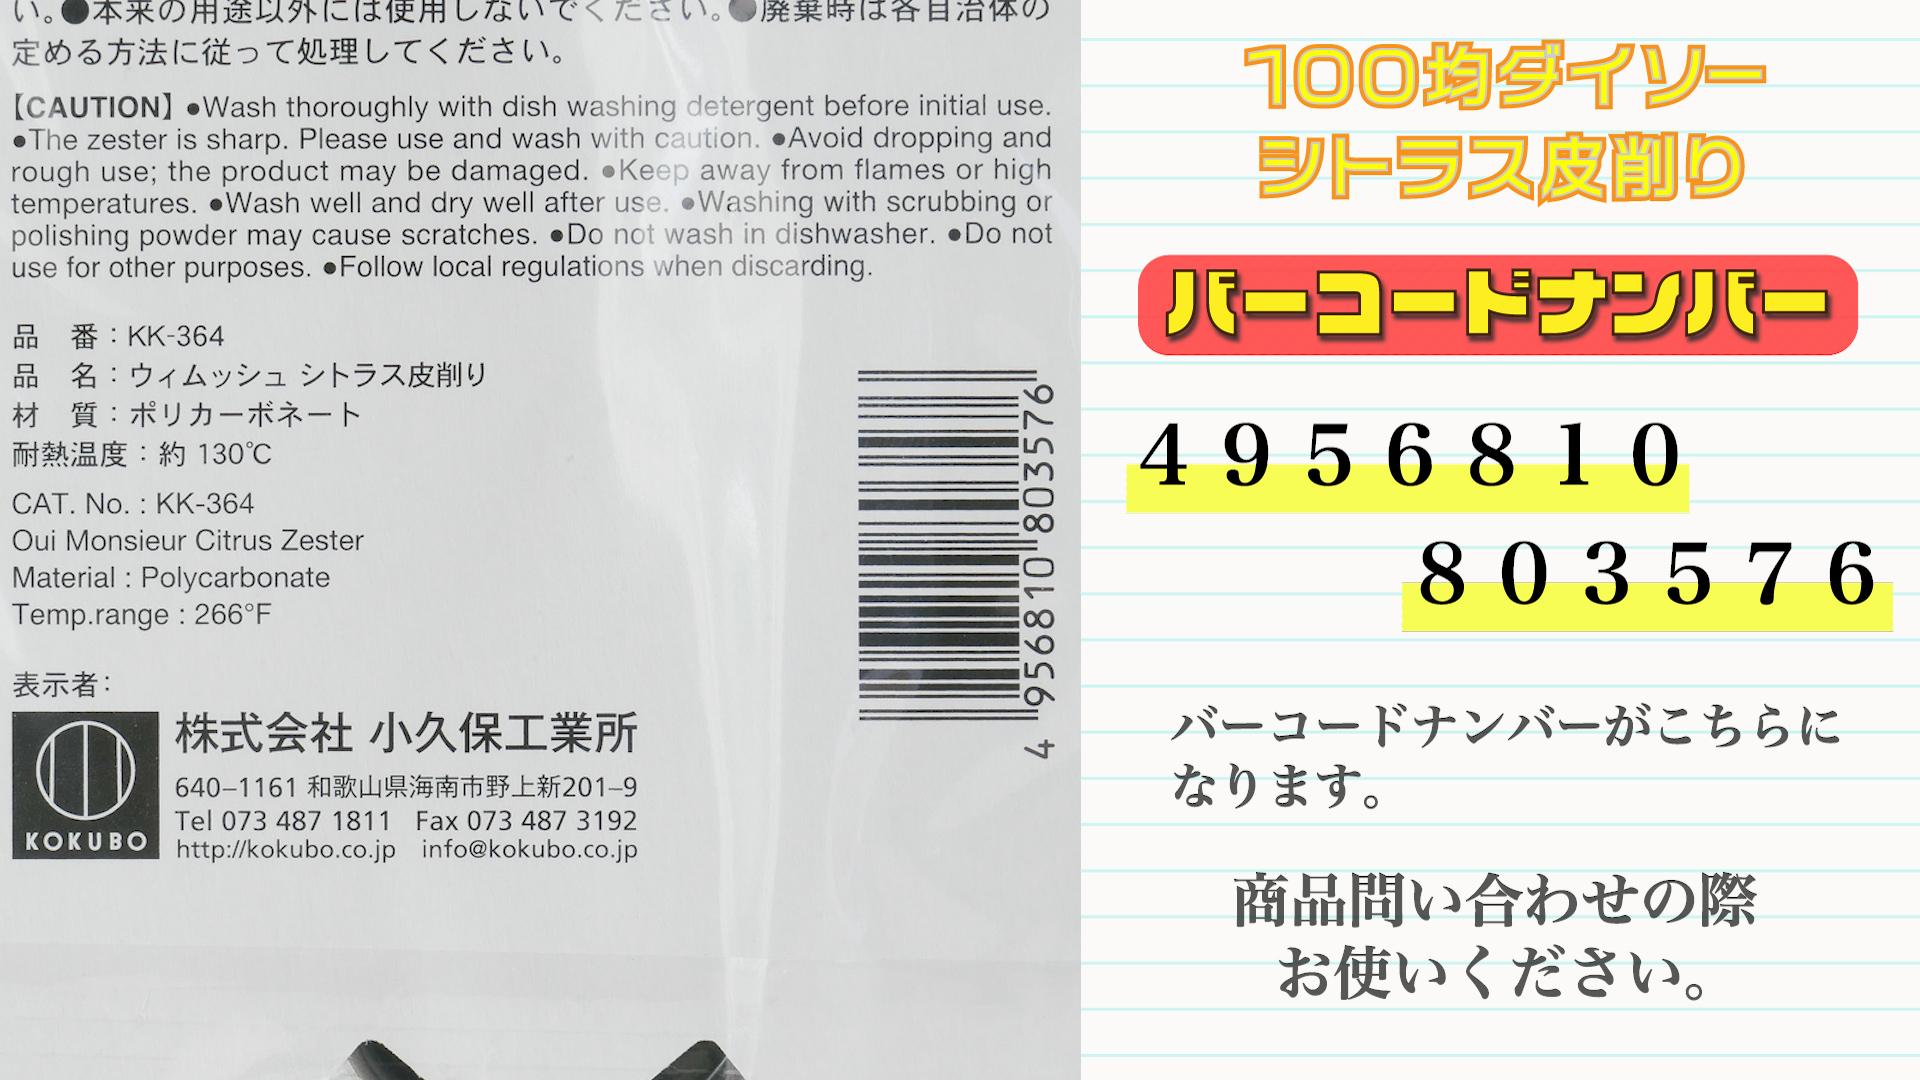 100均ダイソーの「シトラス皮削り」のバーコードナンバーの紹介です。